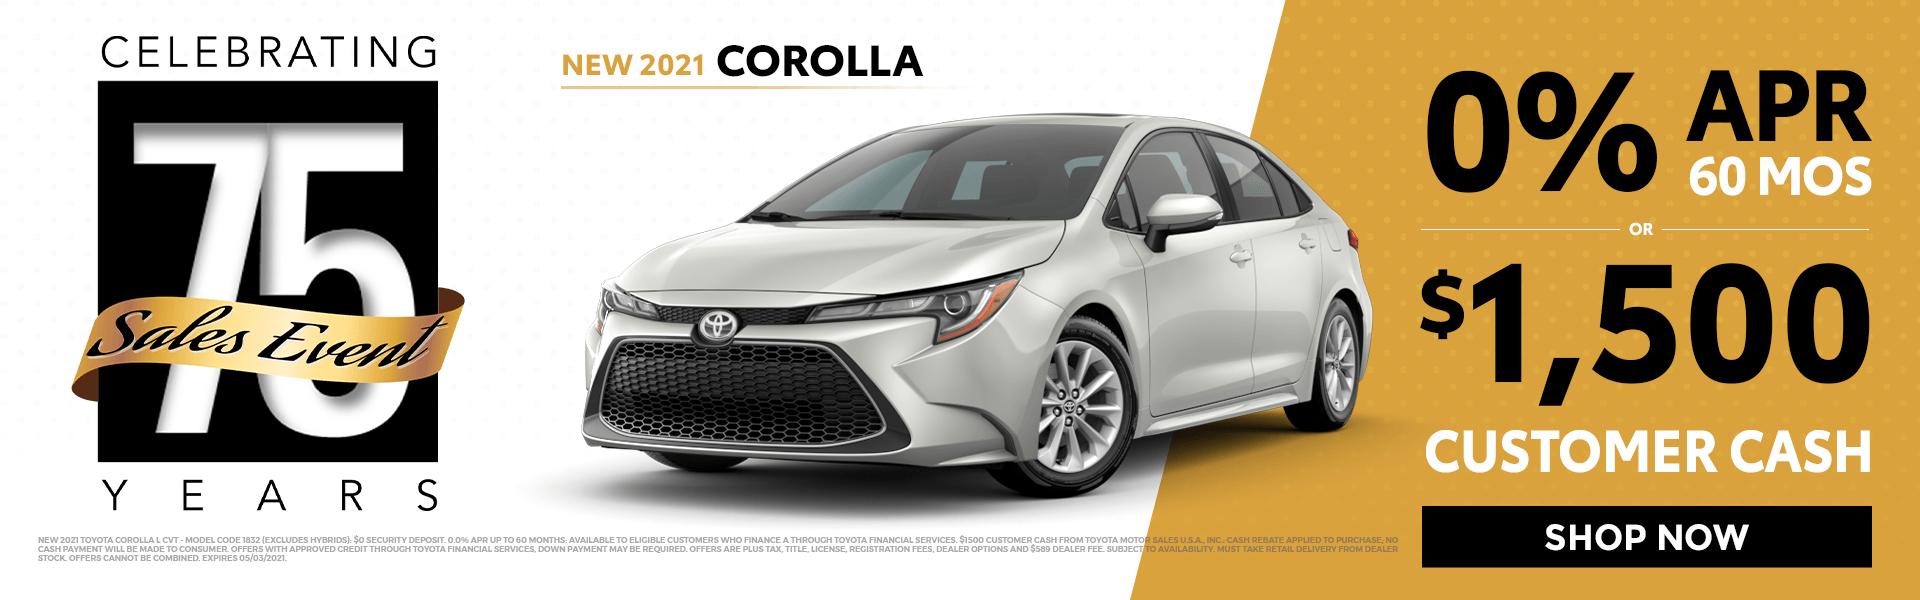 2021 Corolla